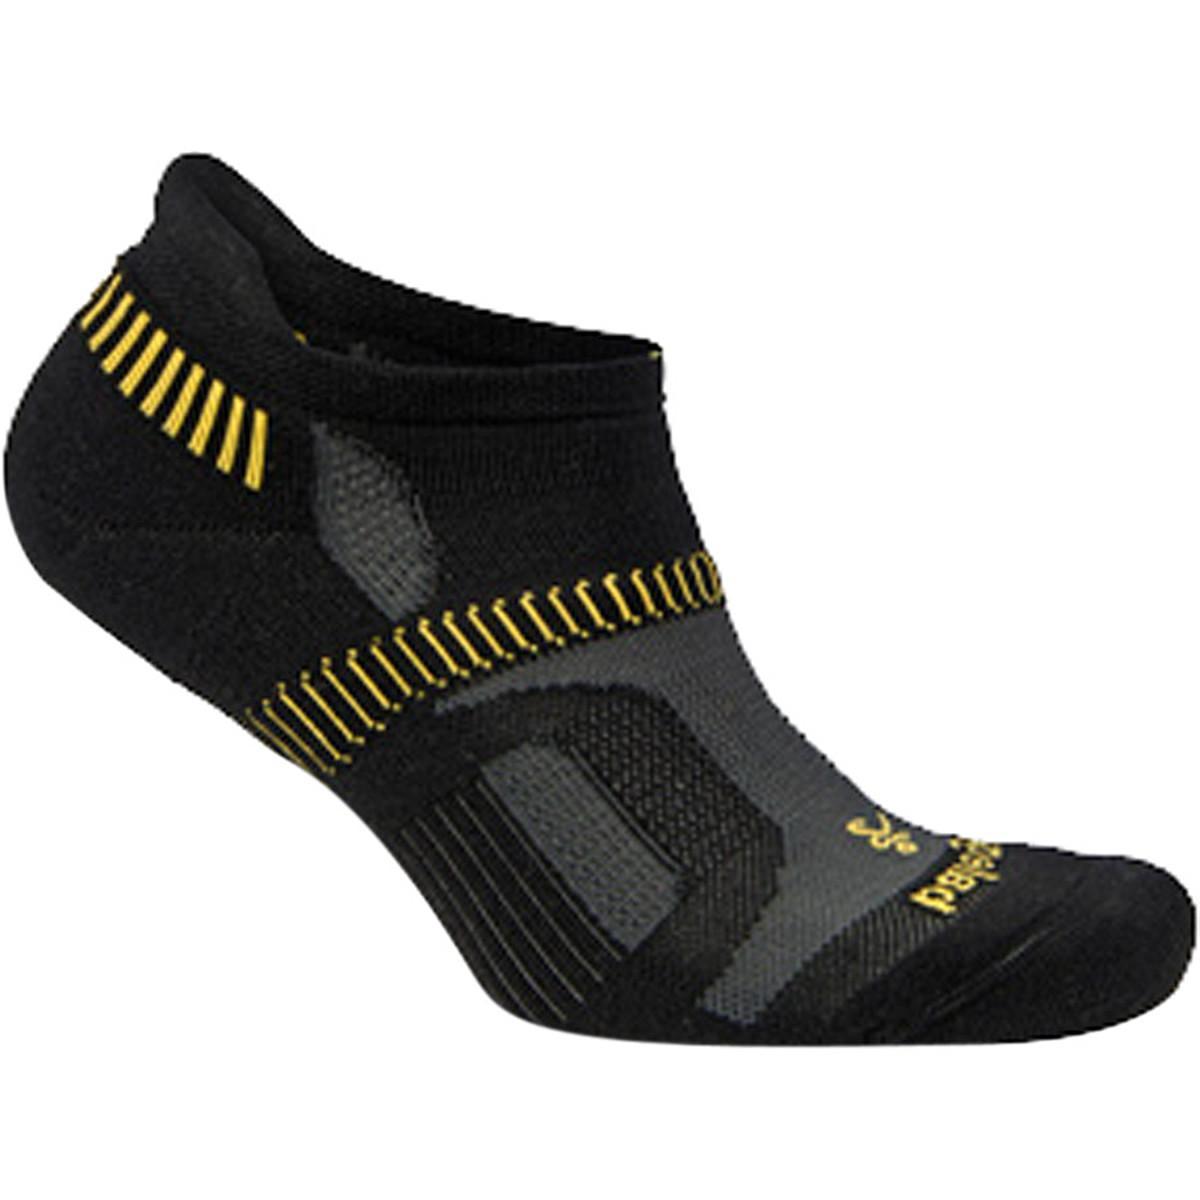 Balega Hidden Contour Running Sock White, XL